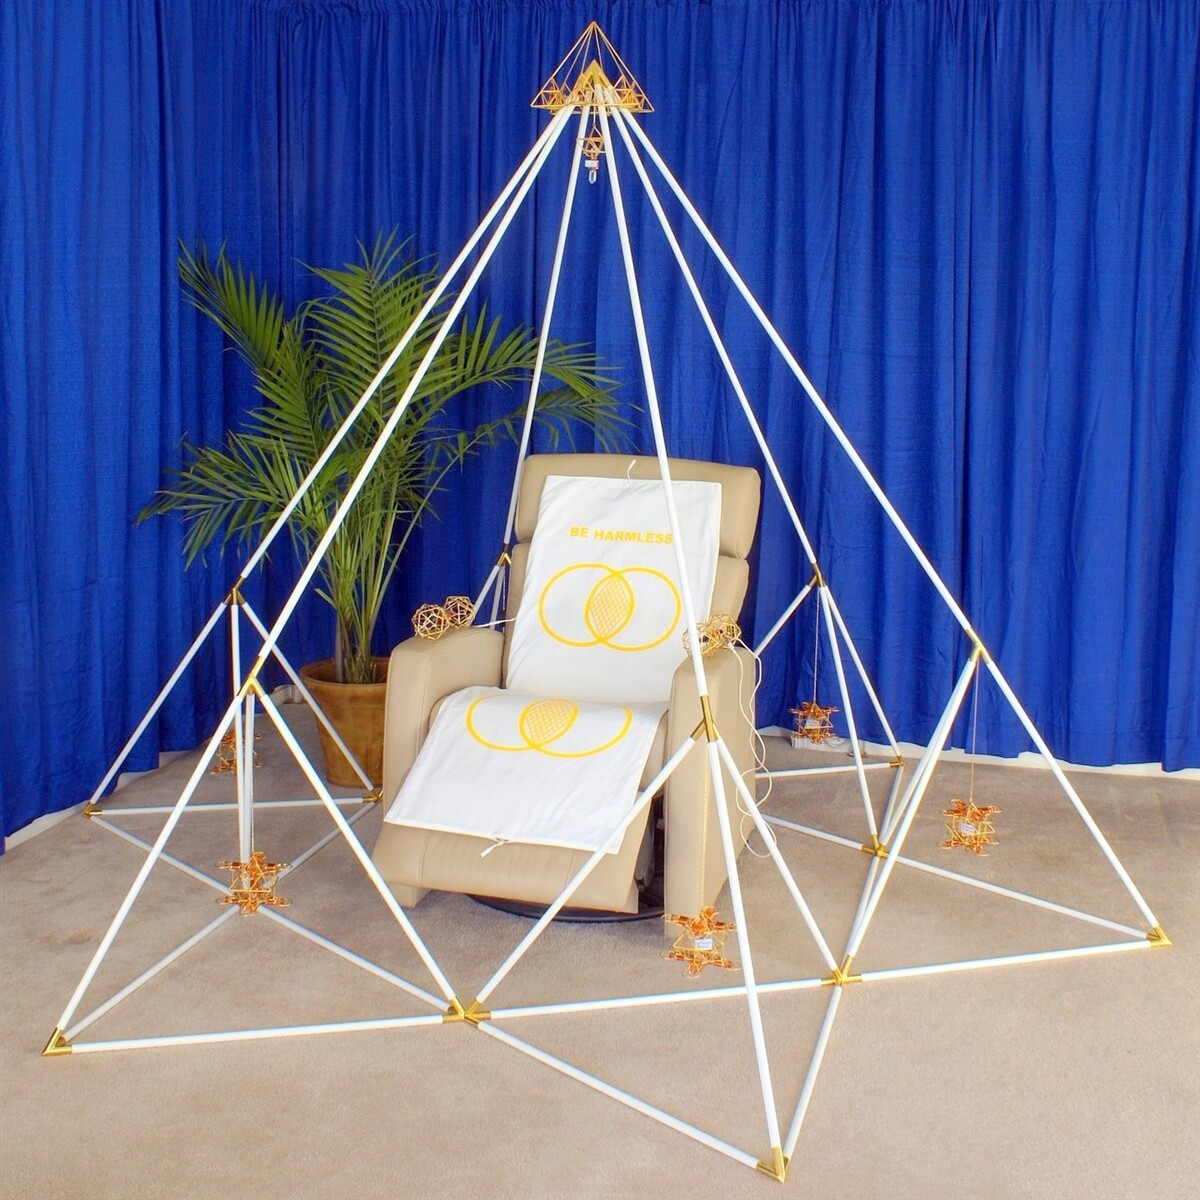 Soul Therapy in Metatron Pyramid